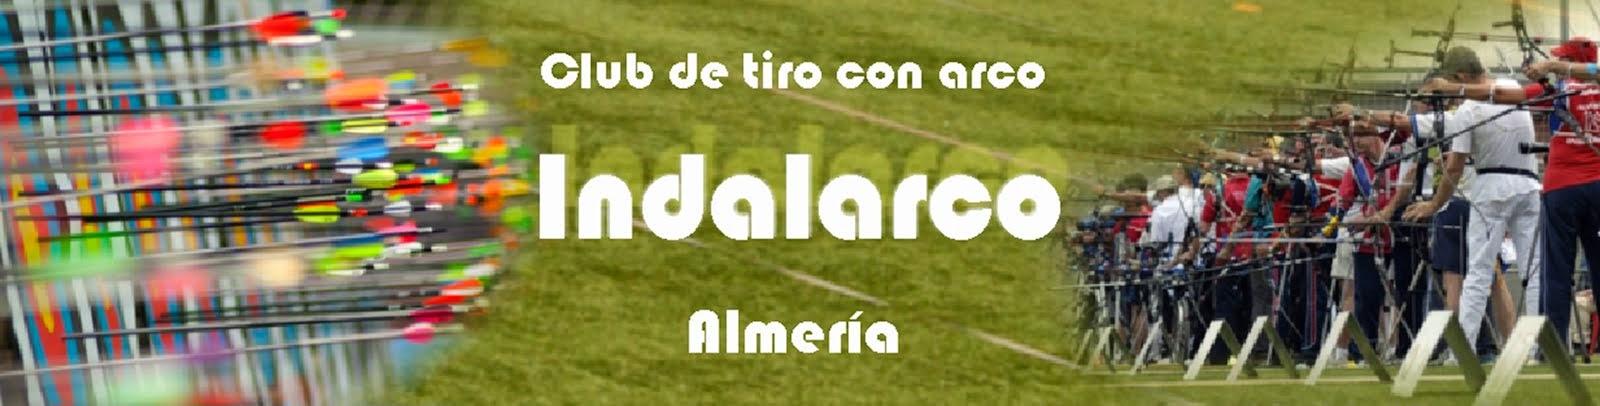 Club Indalarco Almería